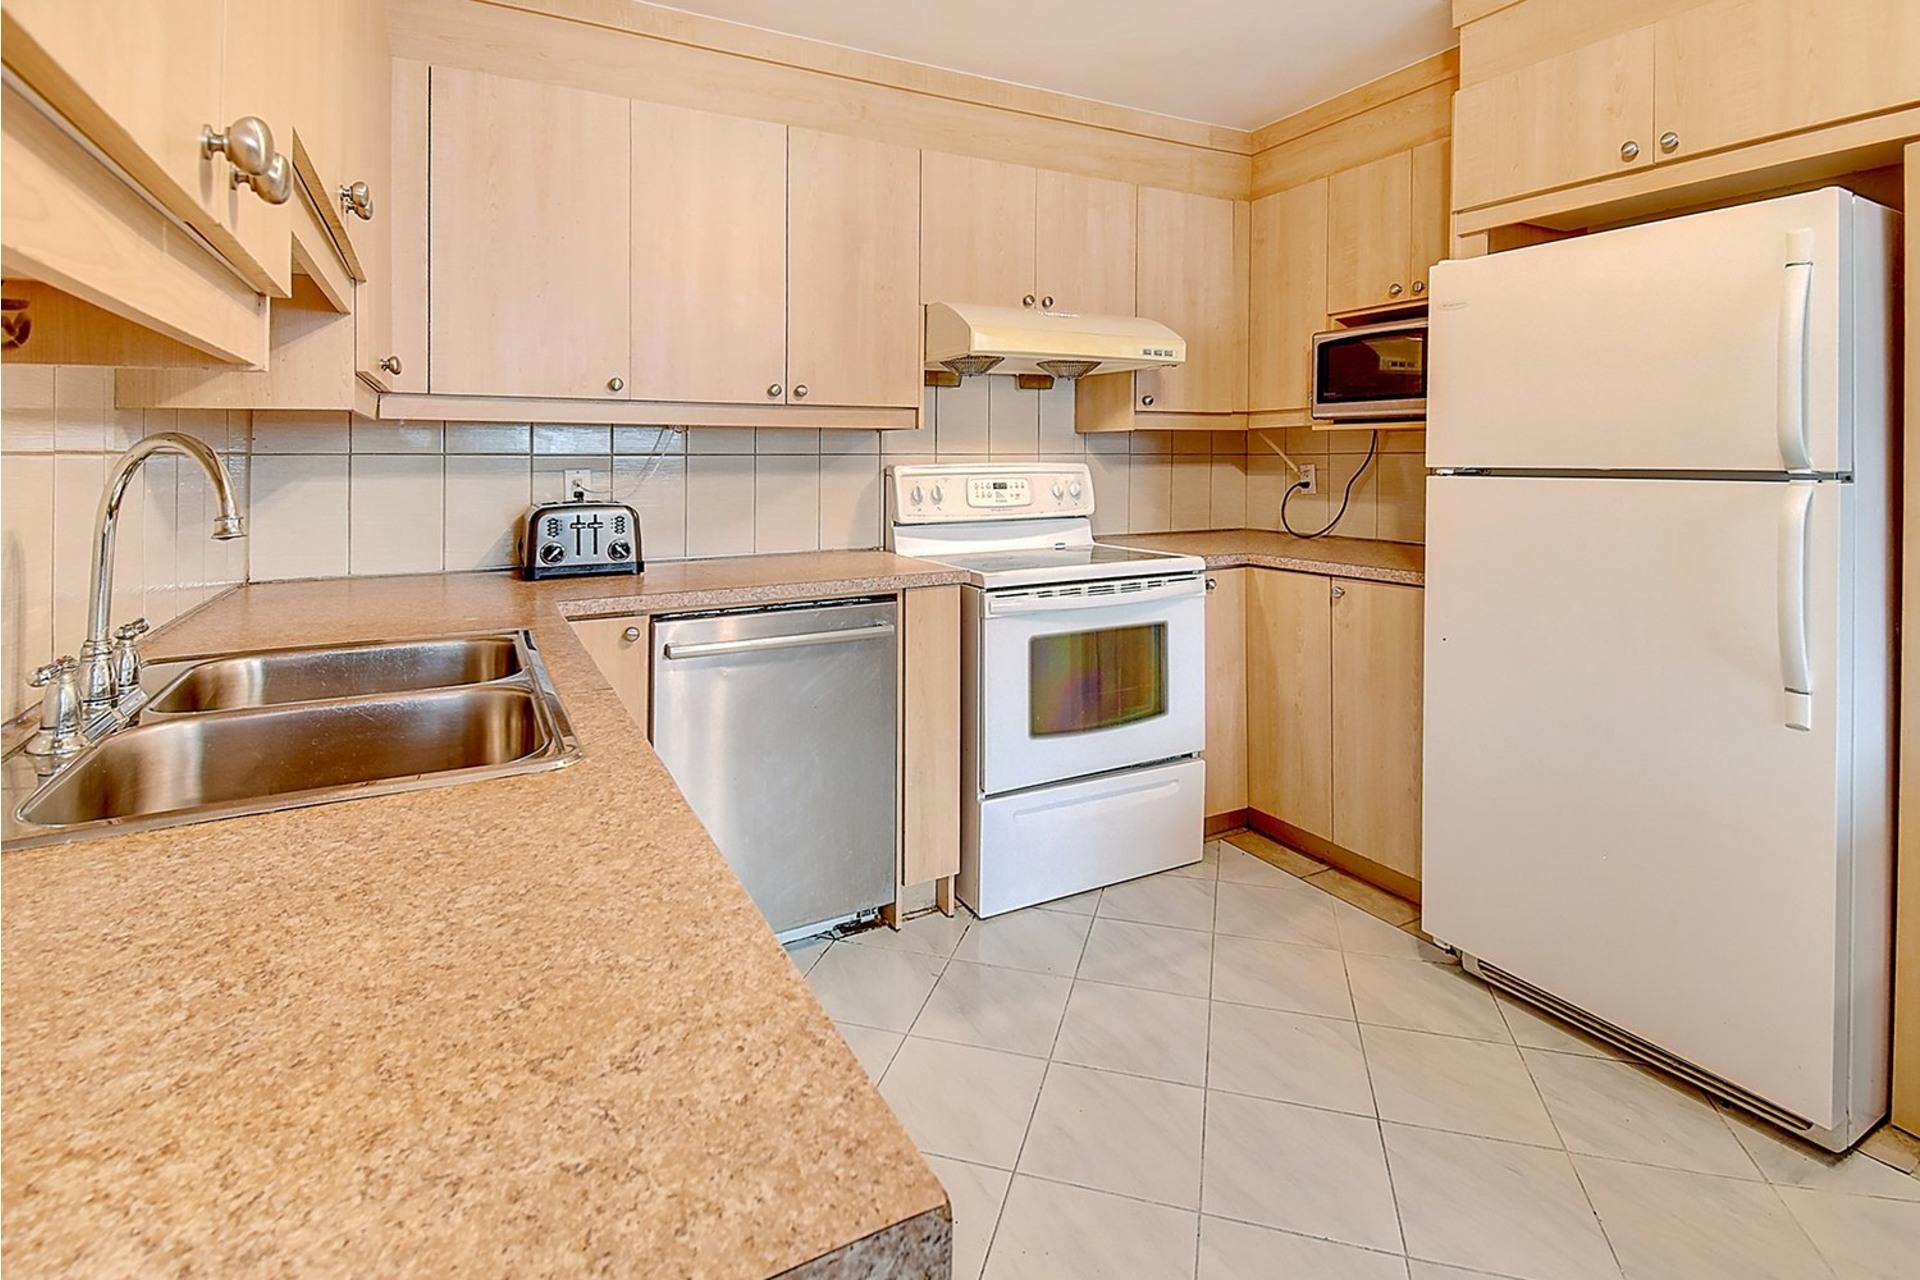 image 10 - Appartement À vendre Verdun/Île-des-Soeurs Montréal  - 7 pièces